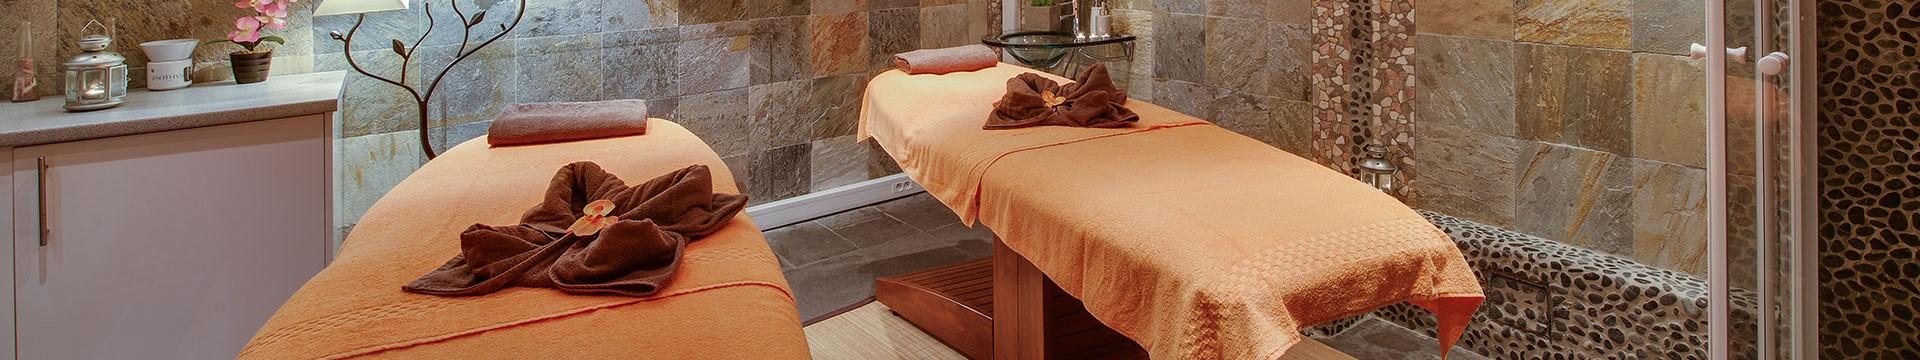 massage-01-8953